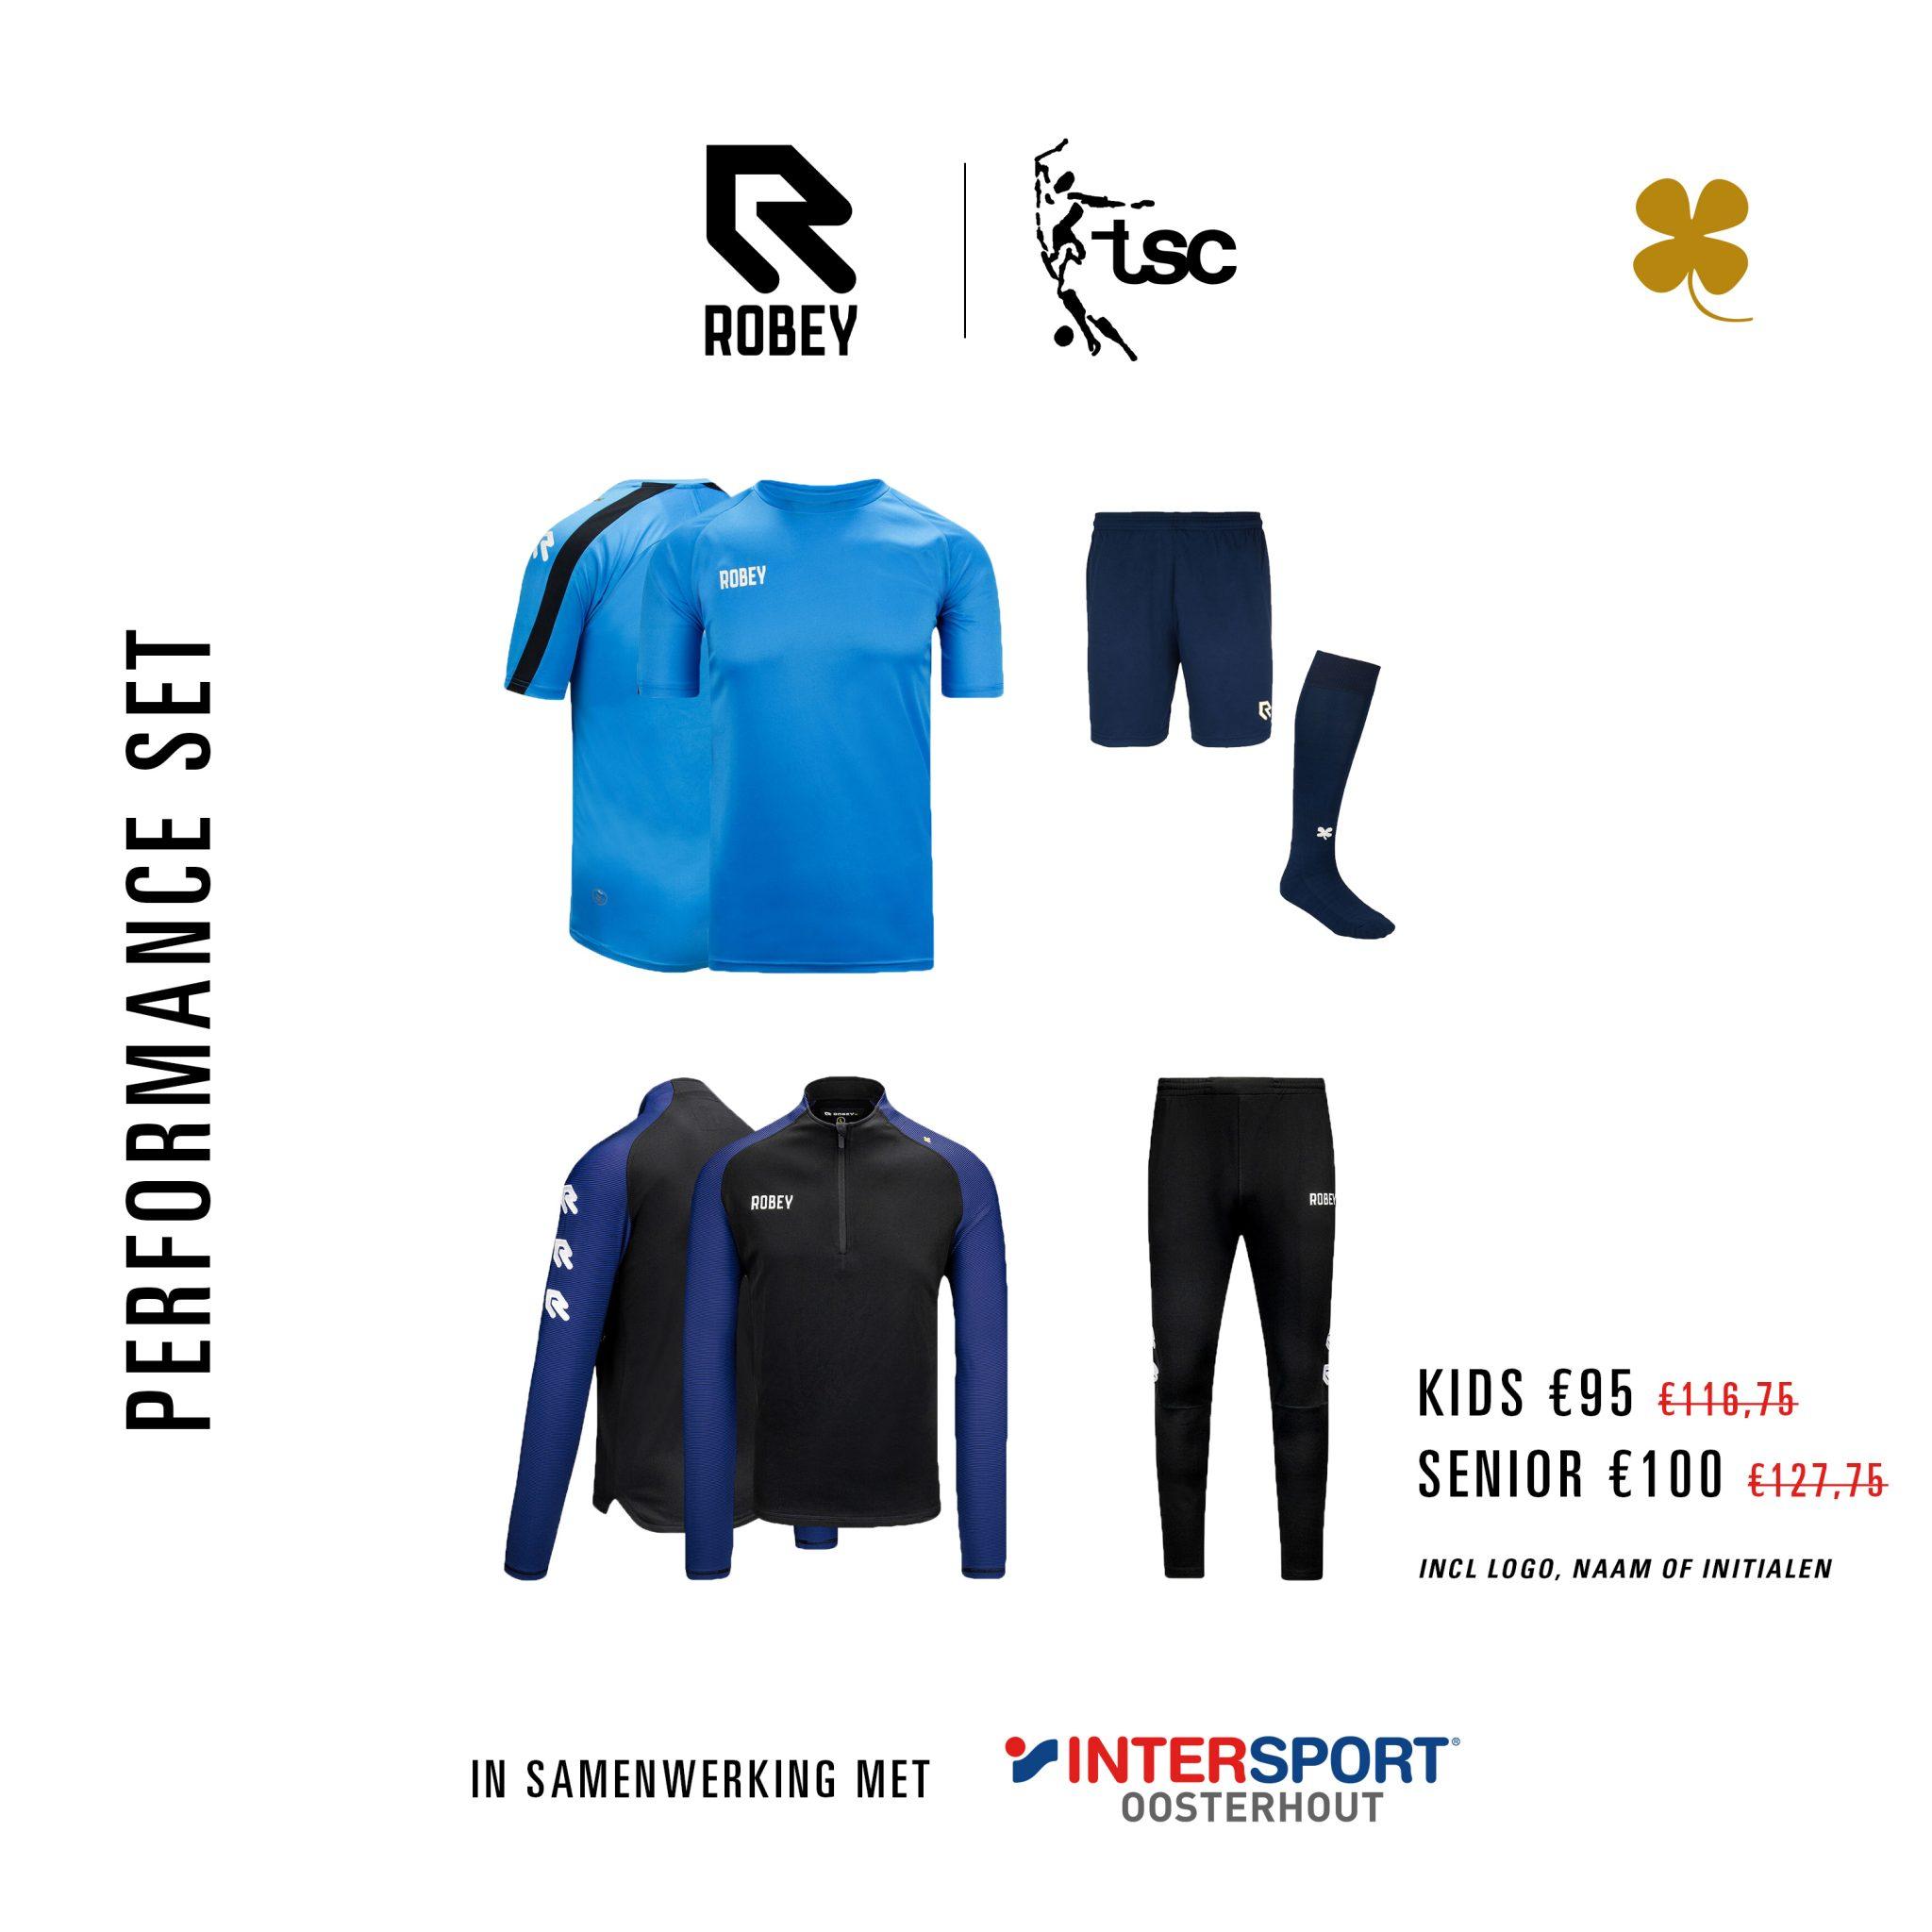 Mooie Intersport aanbiedingen voor TSC'ers